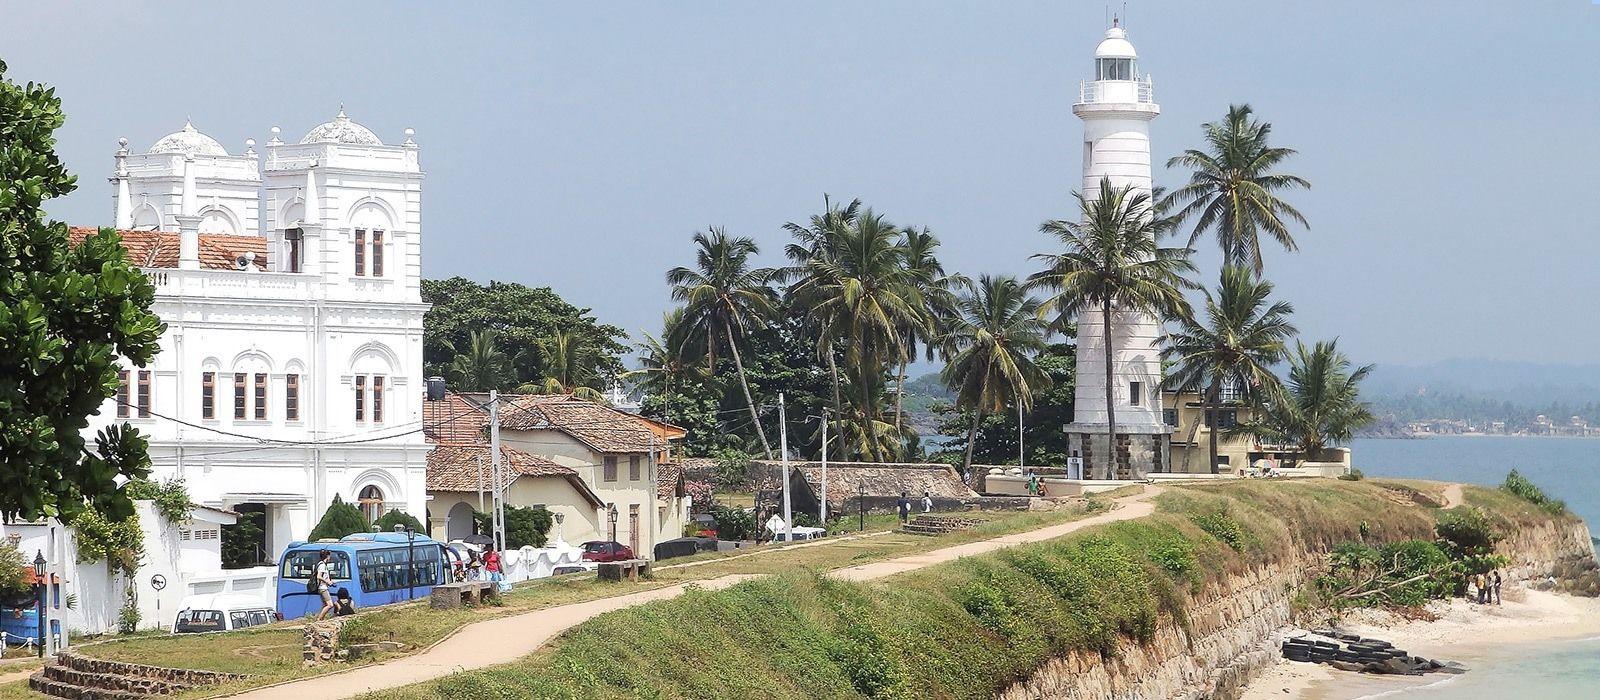 Reiseziel Galle Fort Sri Lanka